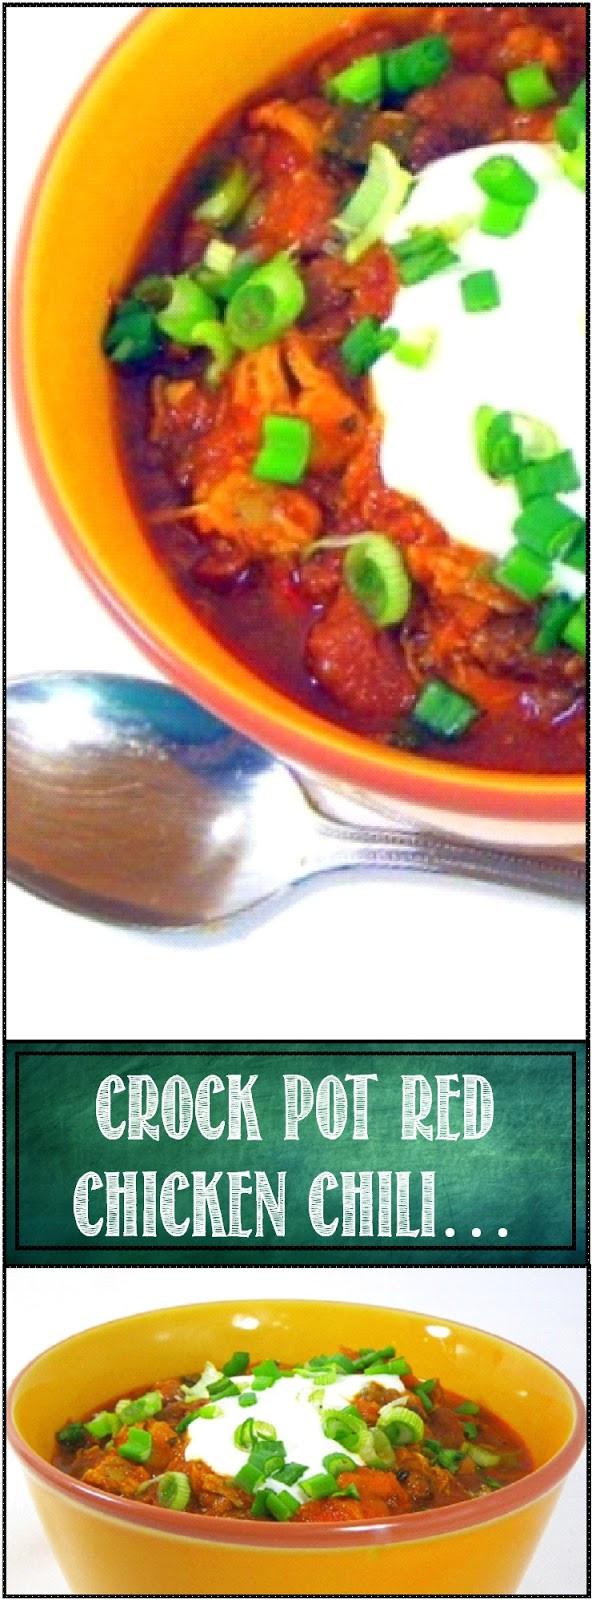 Red Chicken Chili Recipe  52 Ways to Cook Crock Pot Red Chicken Chili um Stew